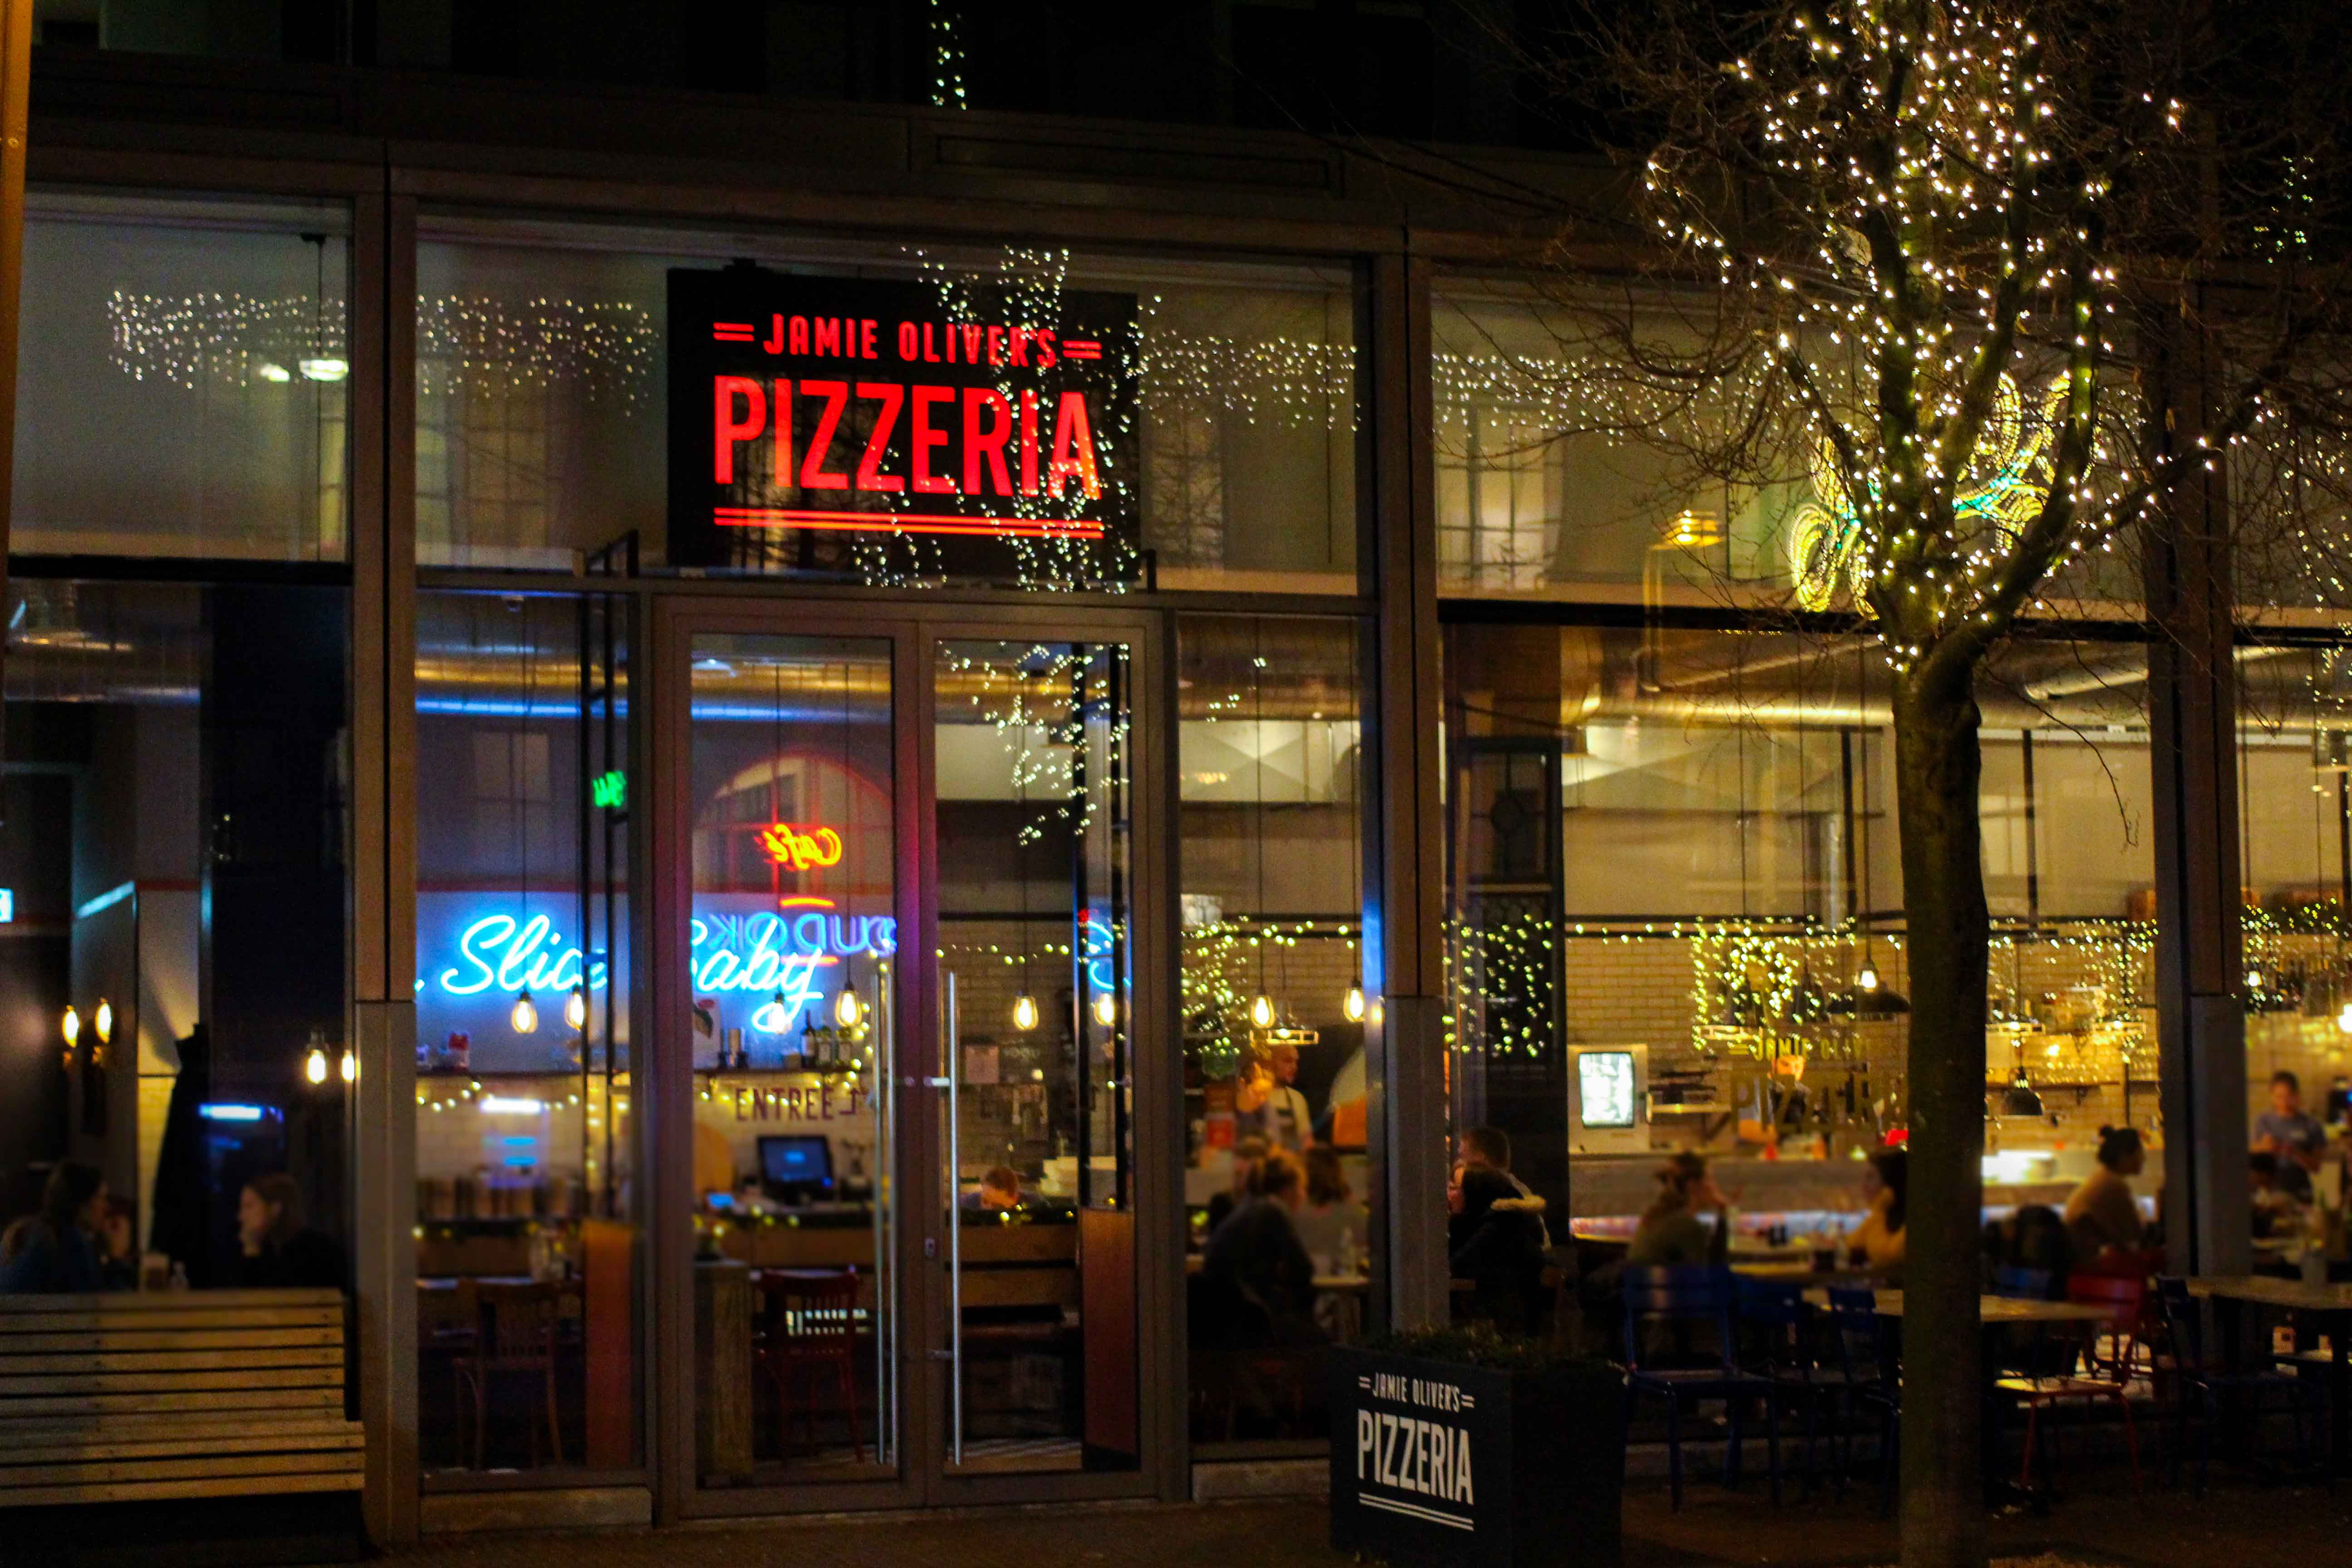 Wochenendtrip Holland das andere Holland Arnheim Pizzeria Jamie Oliver italienisches Restaurant